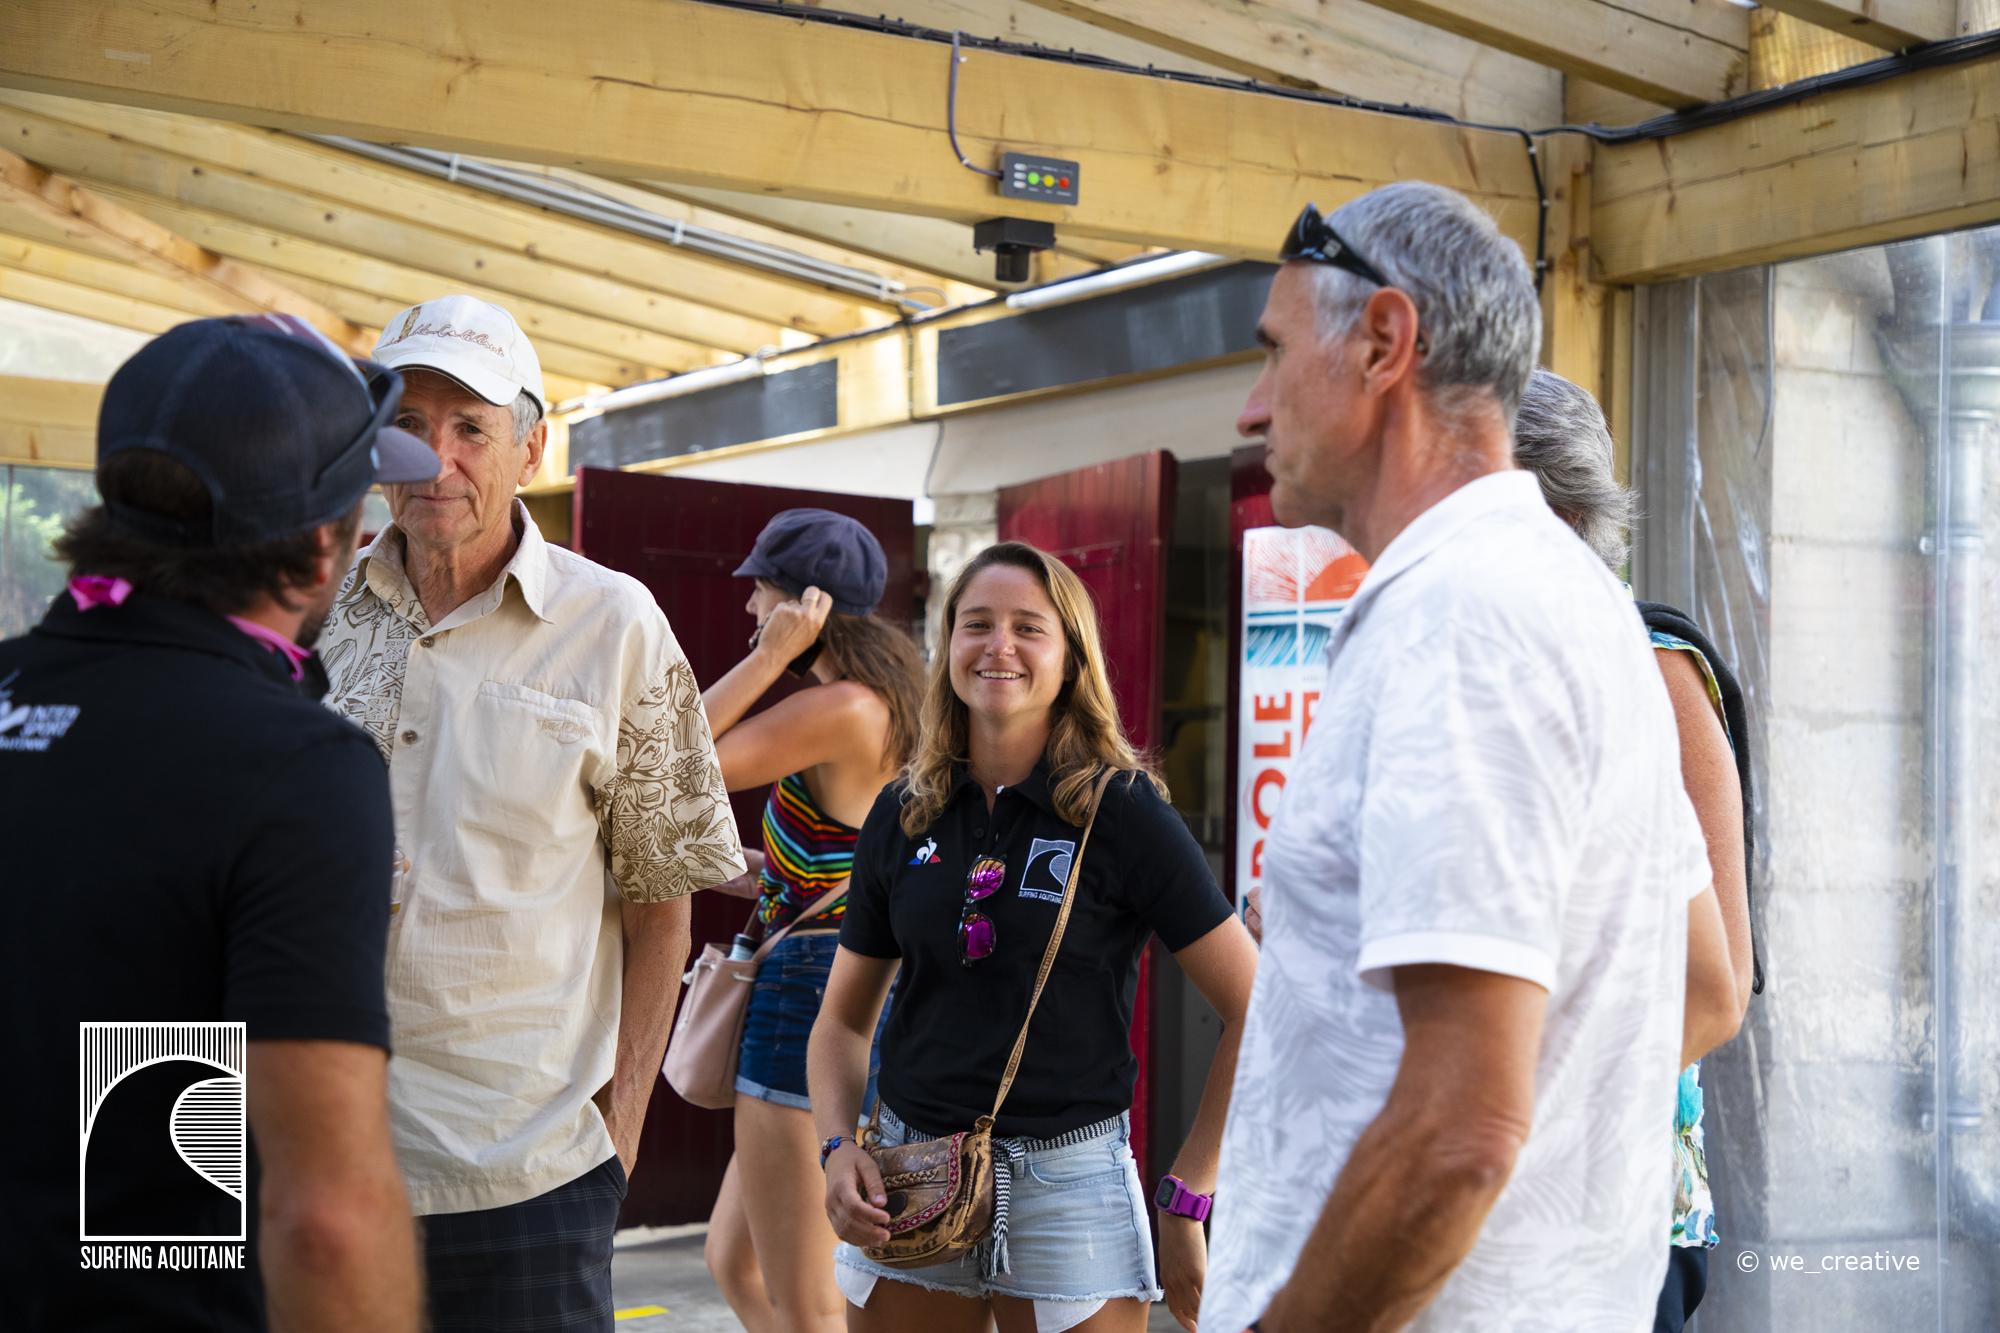 photographié par Antoine Justes, le 22/08/2020, à Jo & Joe, à Hossegor. © Antoine Justes - 2020